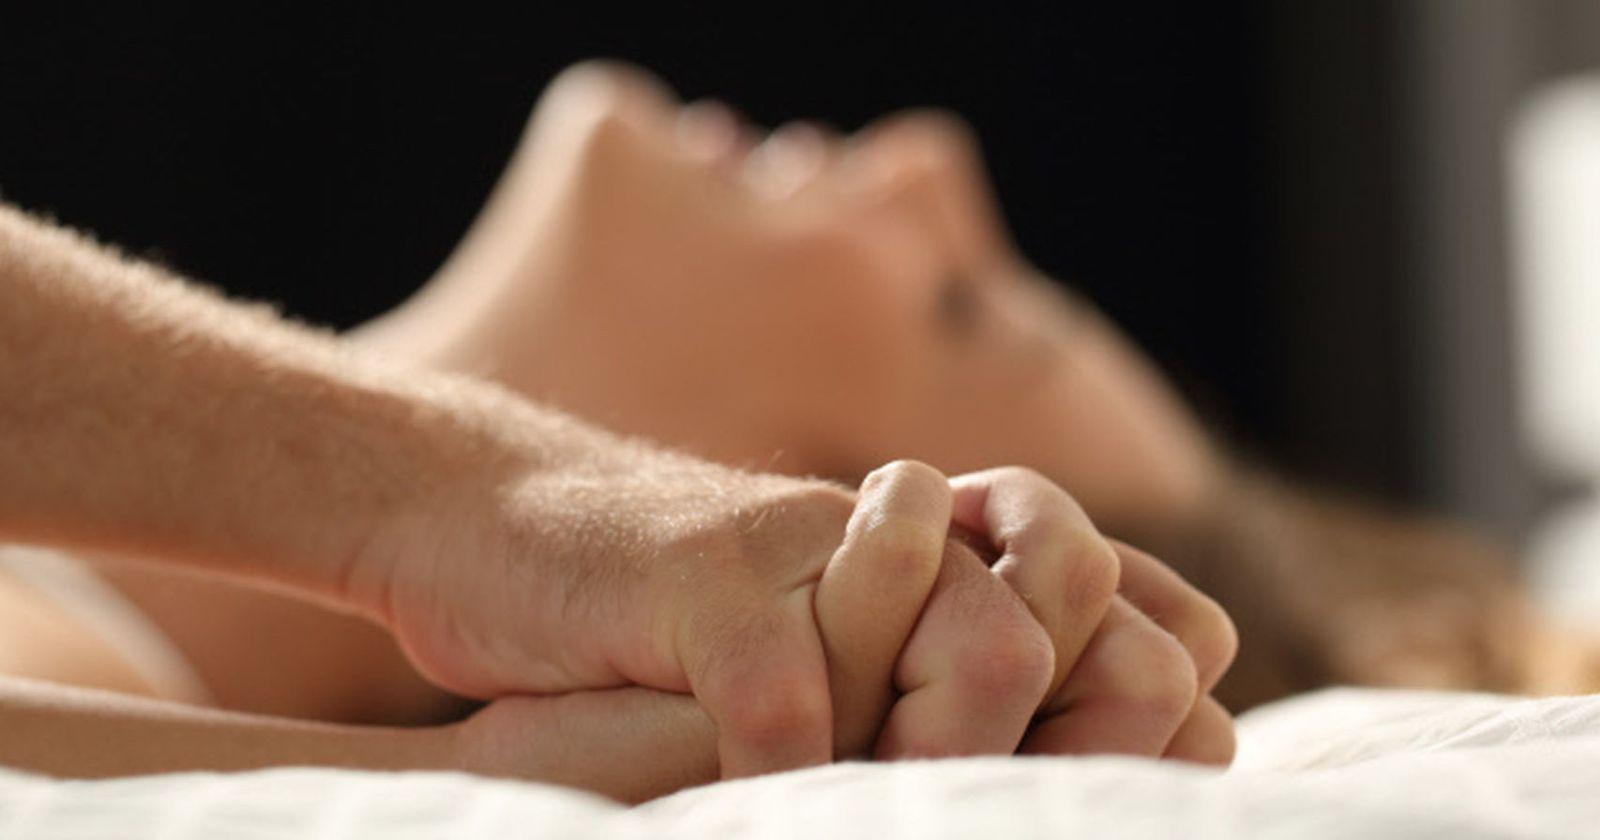 Sexo en los tiempos de coronavirus: el impacto de la pandemia en las relaciones y los hábitos